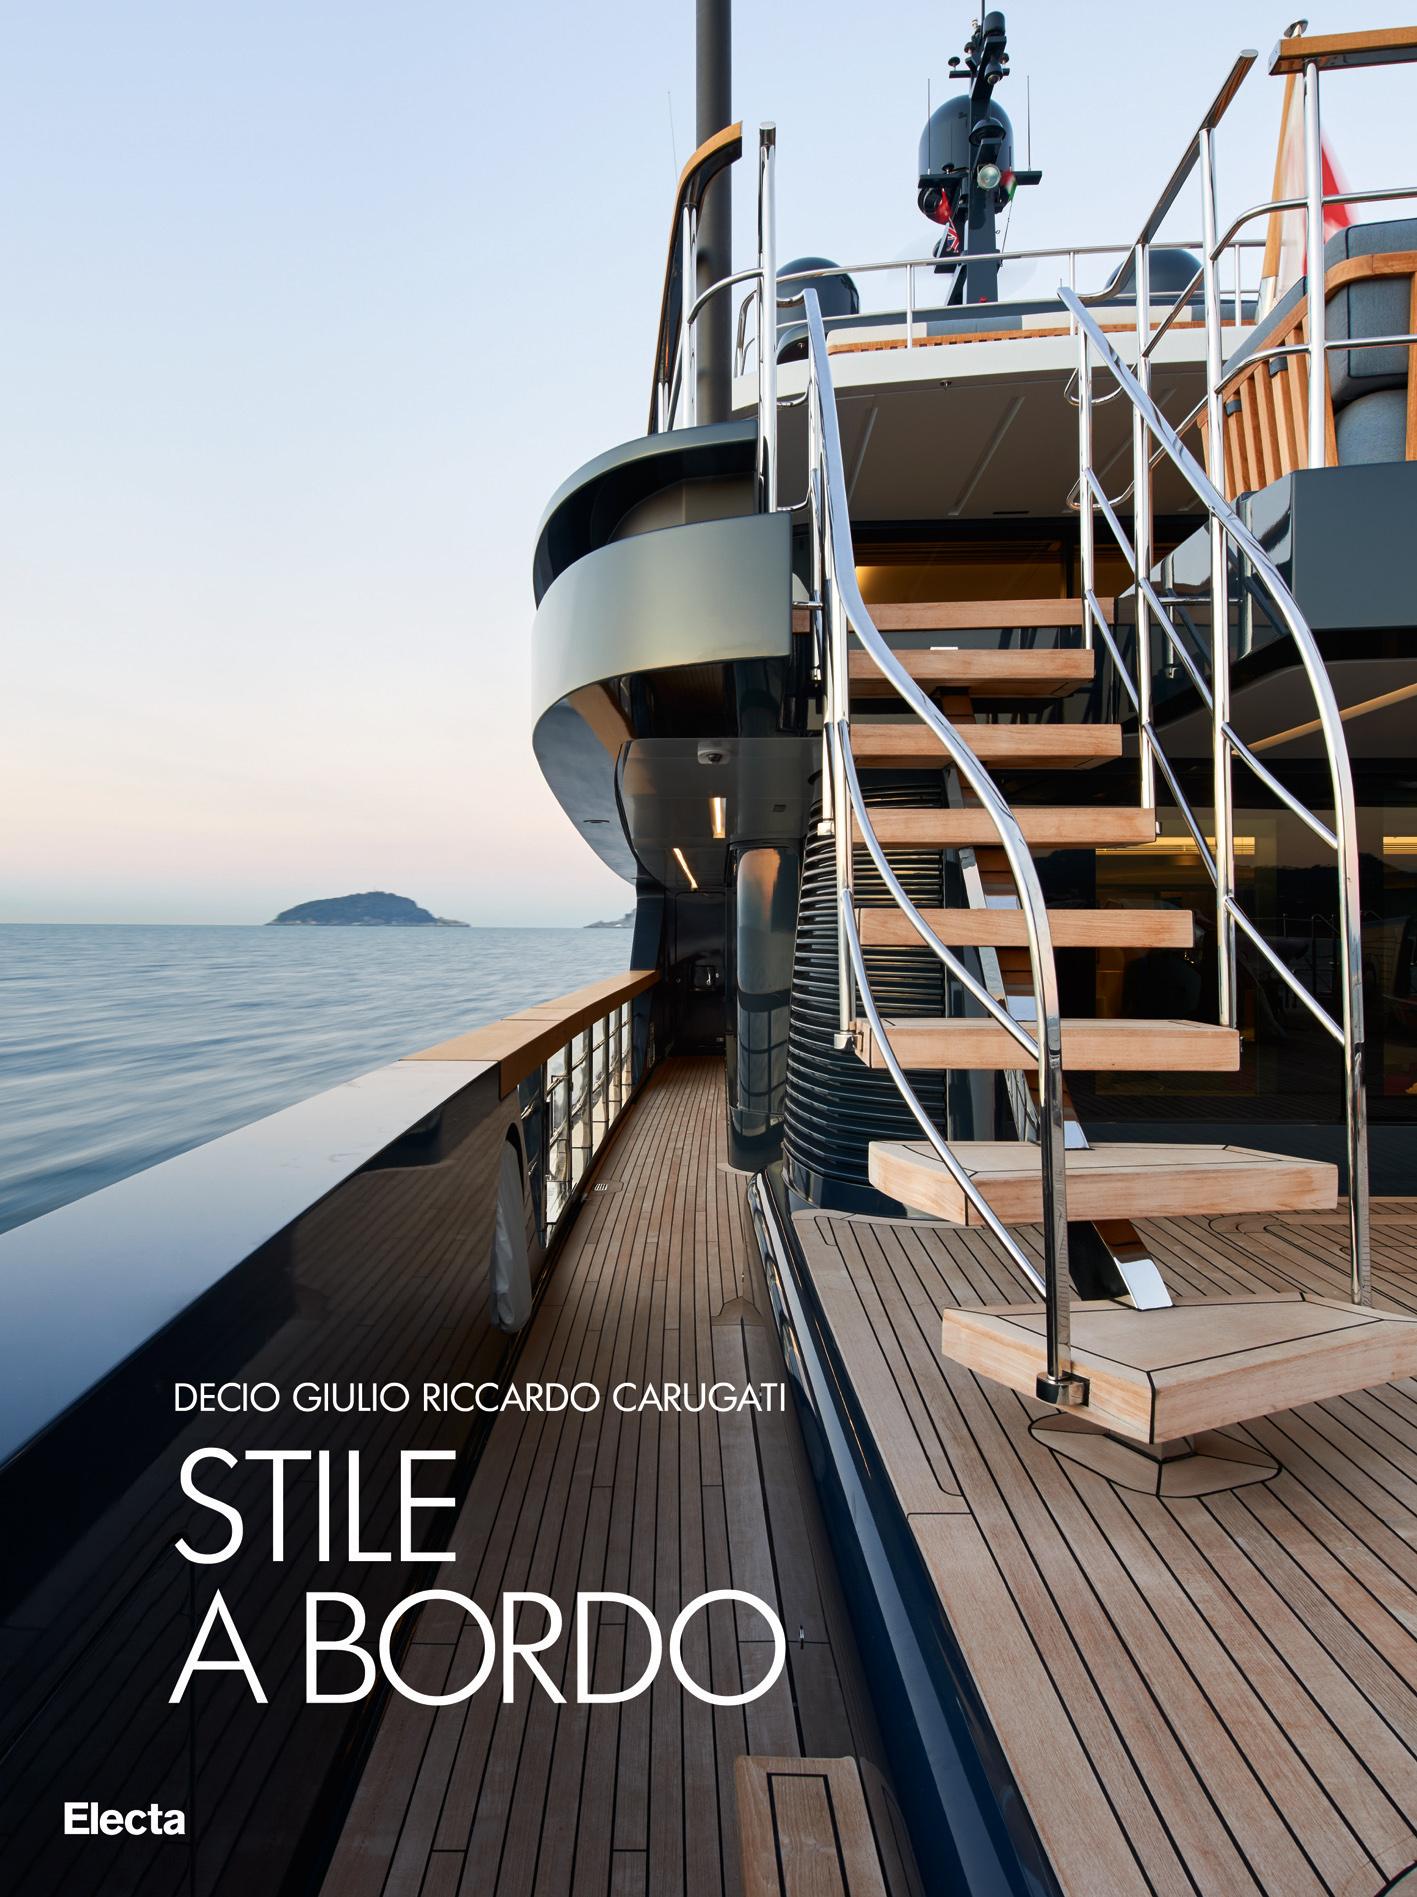 Stile a bordo, il nuovo libro di Sanlorenzo